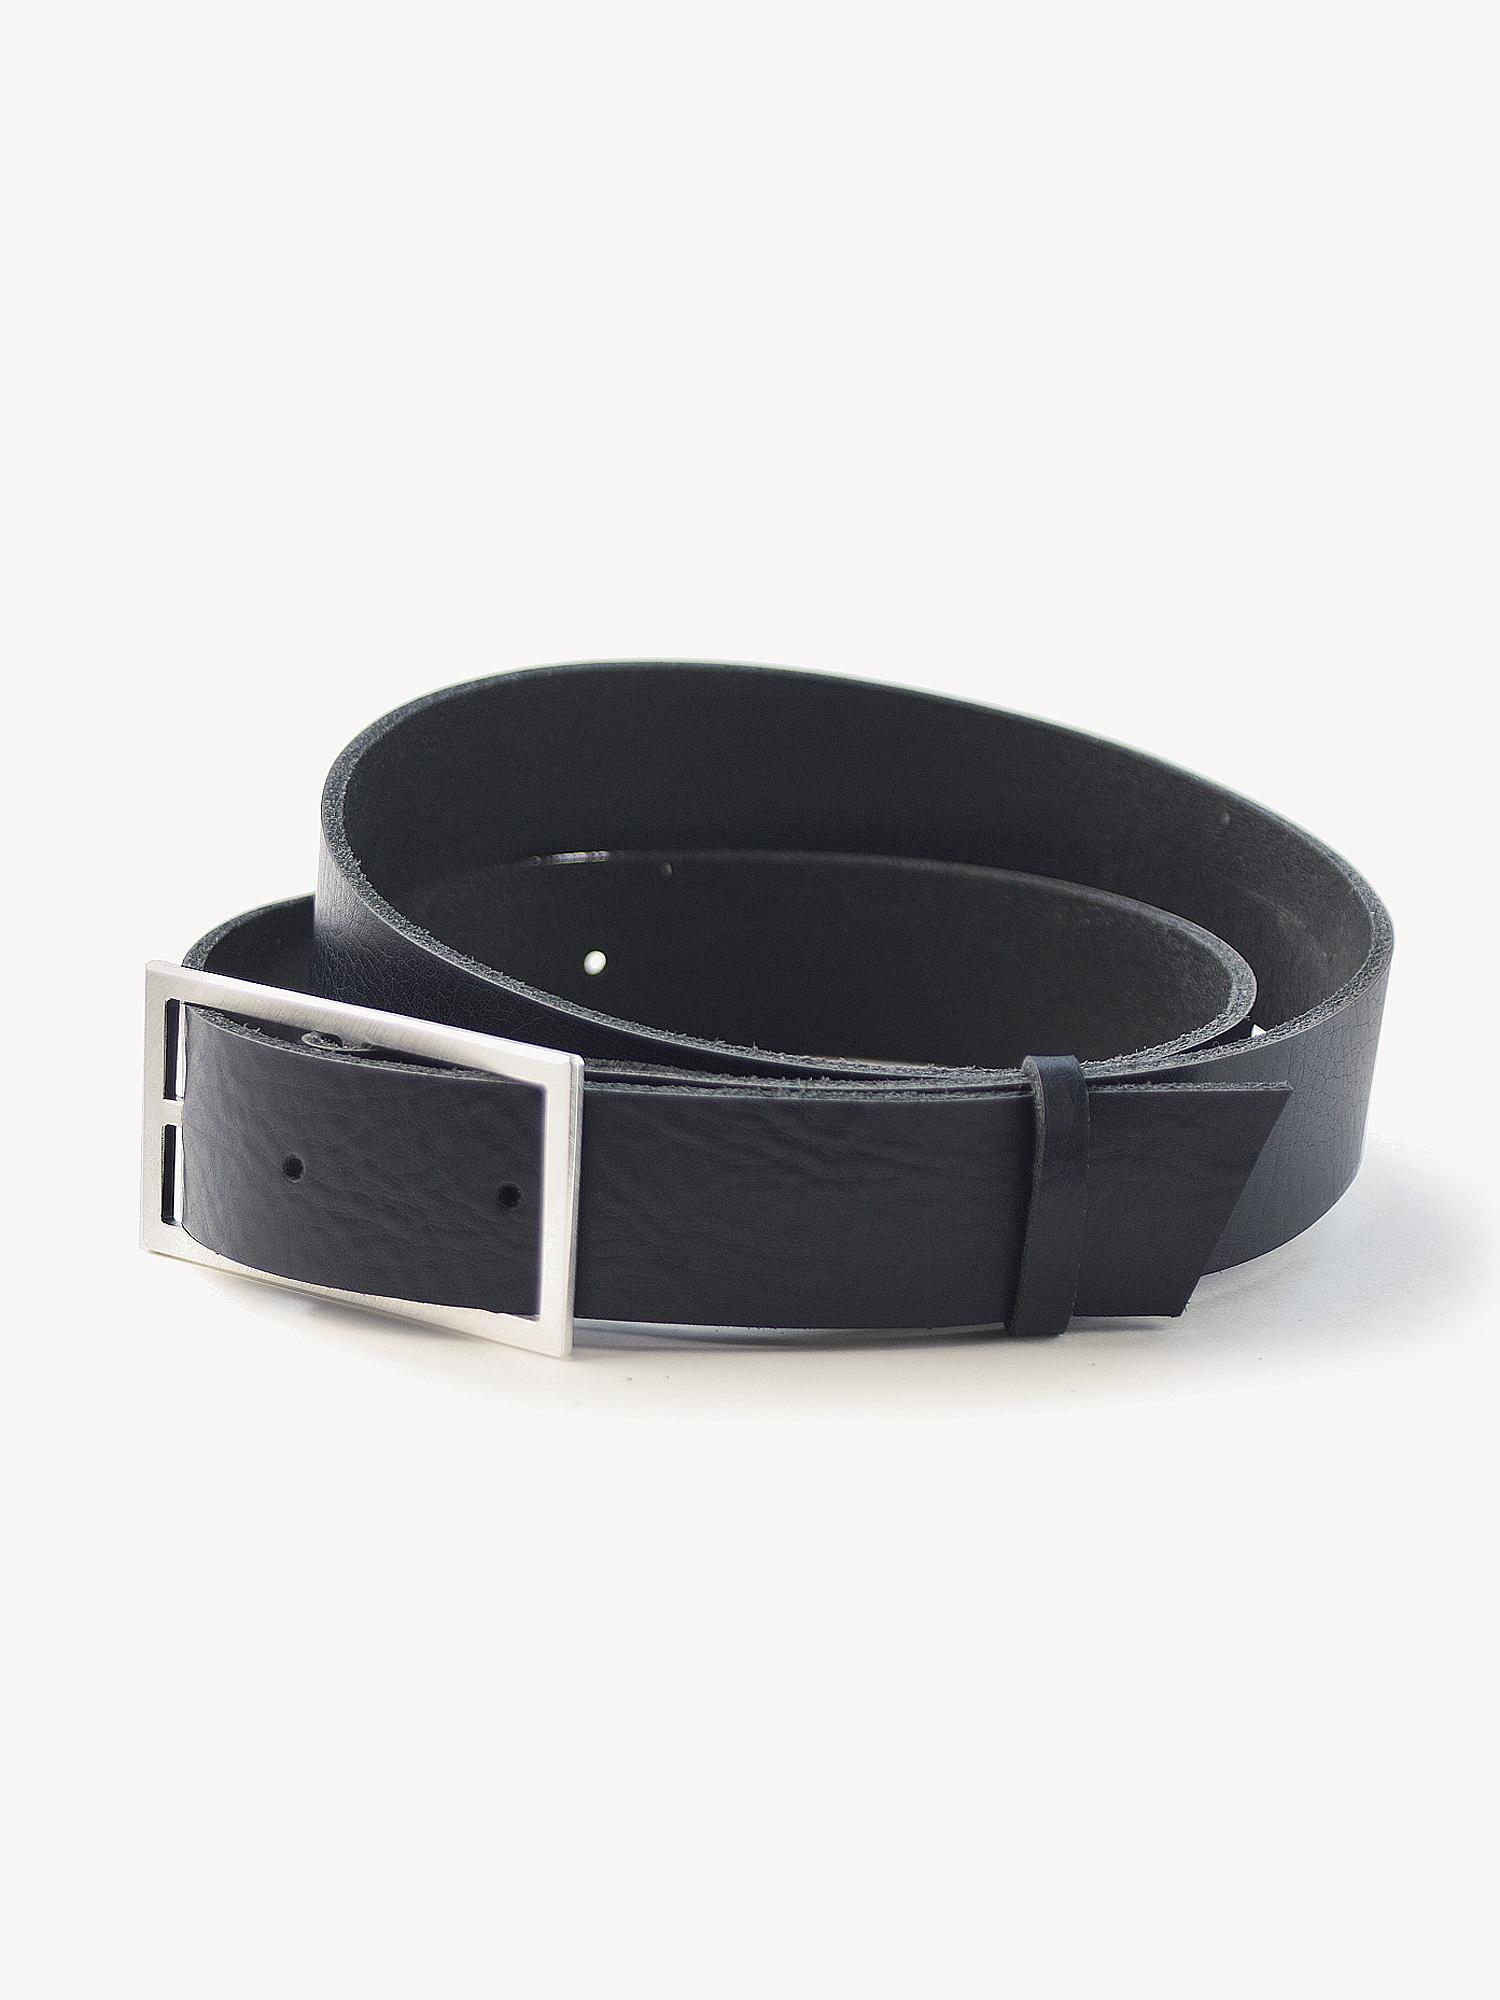 Leder-Gürtel, breit in schwarz  Leather belt, medium in black